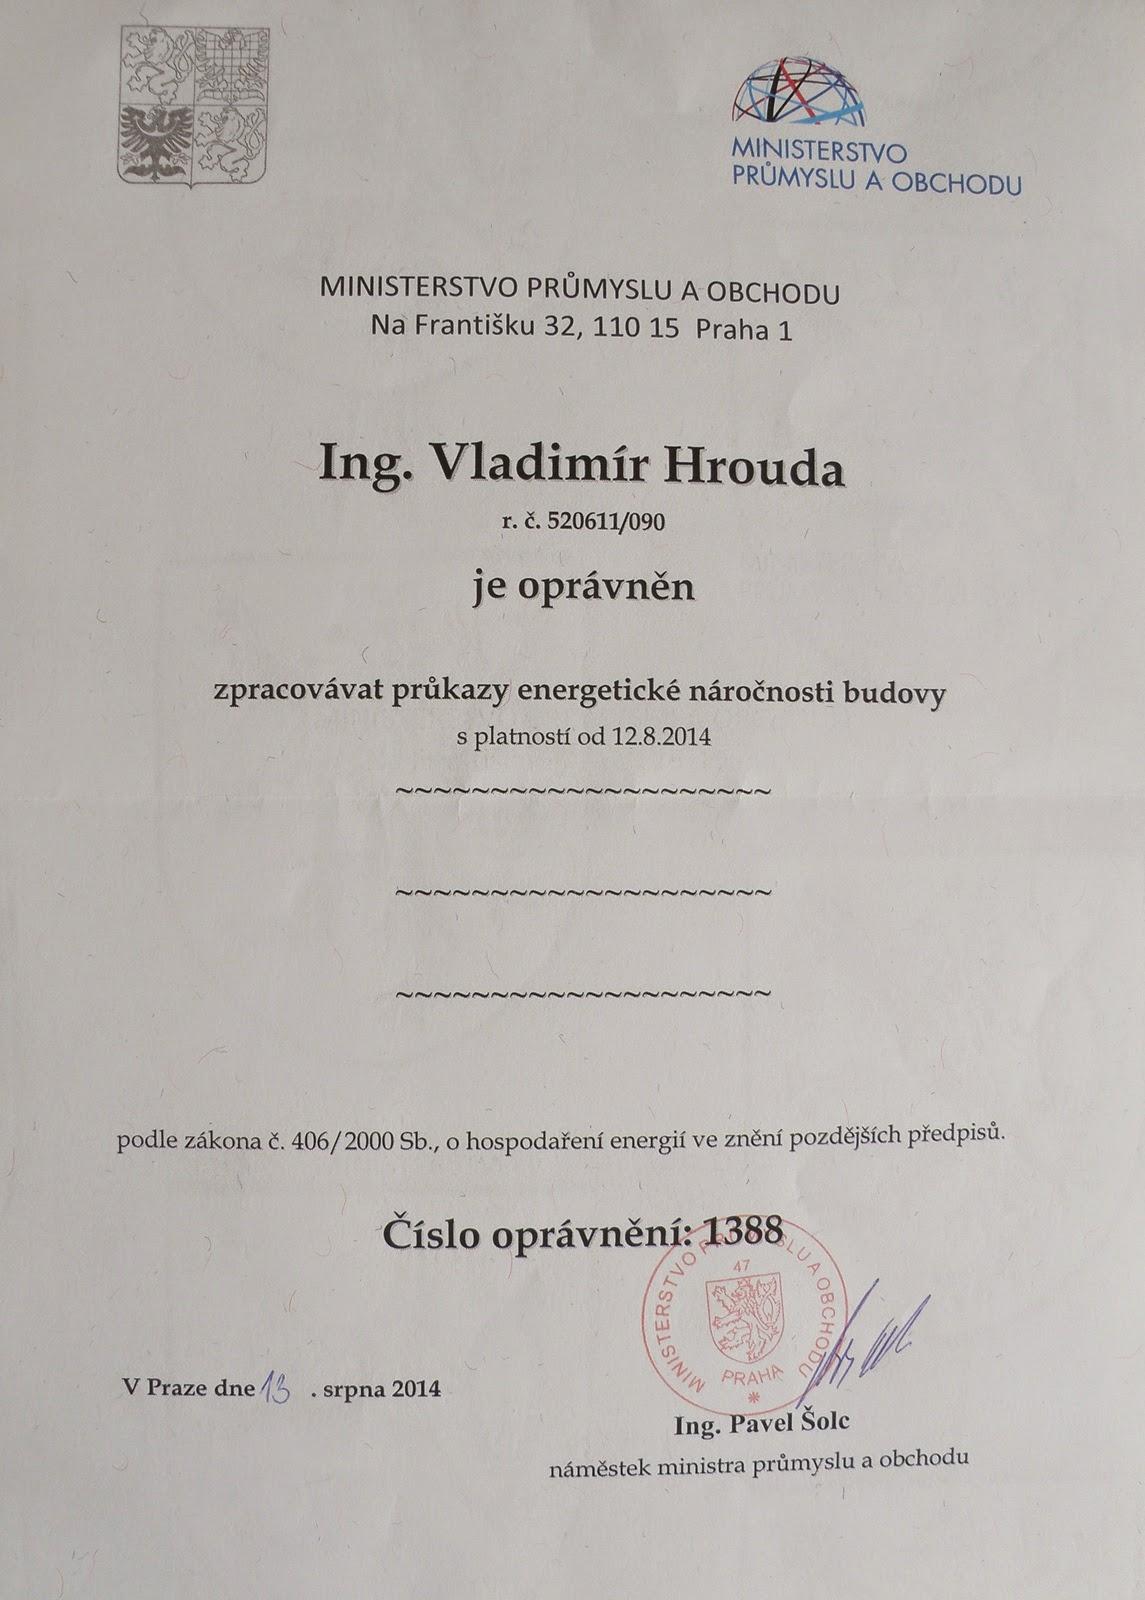 Ing. Vladimír Hrouda - oprávnění 1388 k výkonu činnosti energetického specialisty